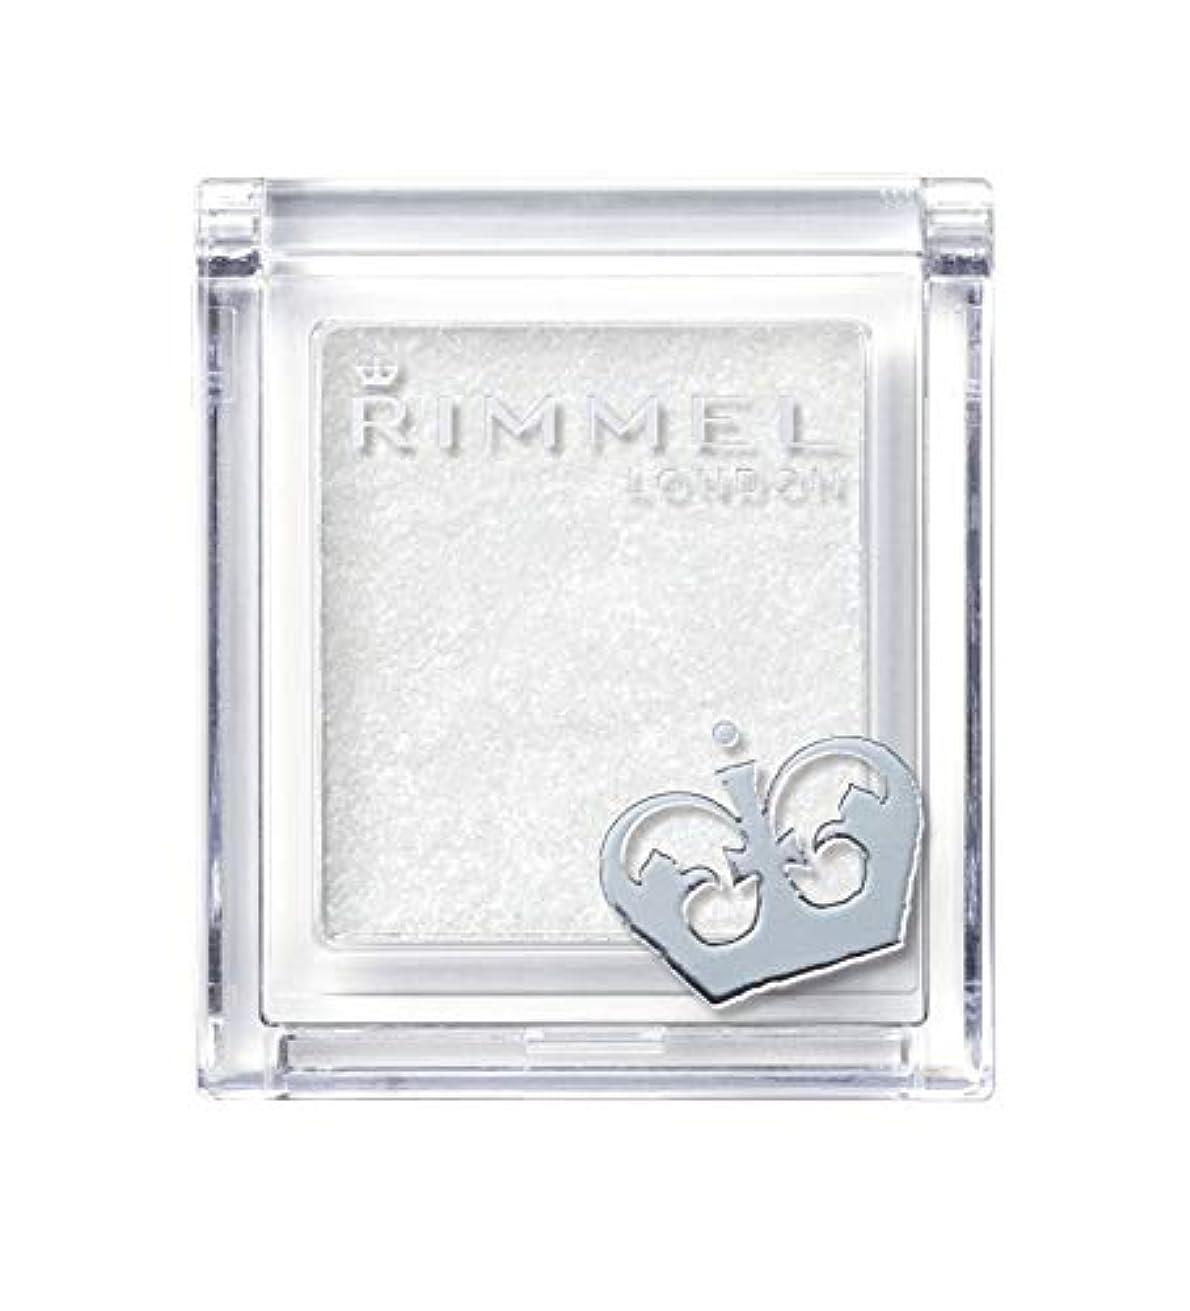 エーカー虫を数える弱いリンメル プリズムパウダーアイカラー 001 ダイヤモンドホワイト 1.5g